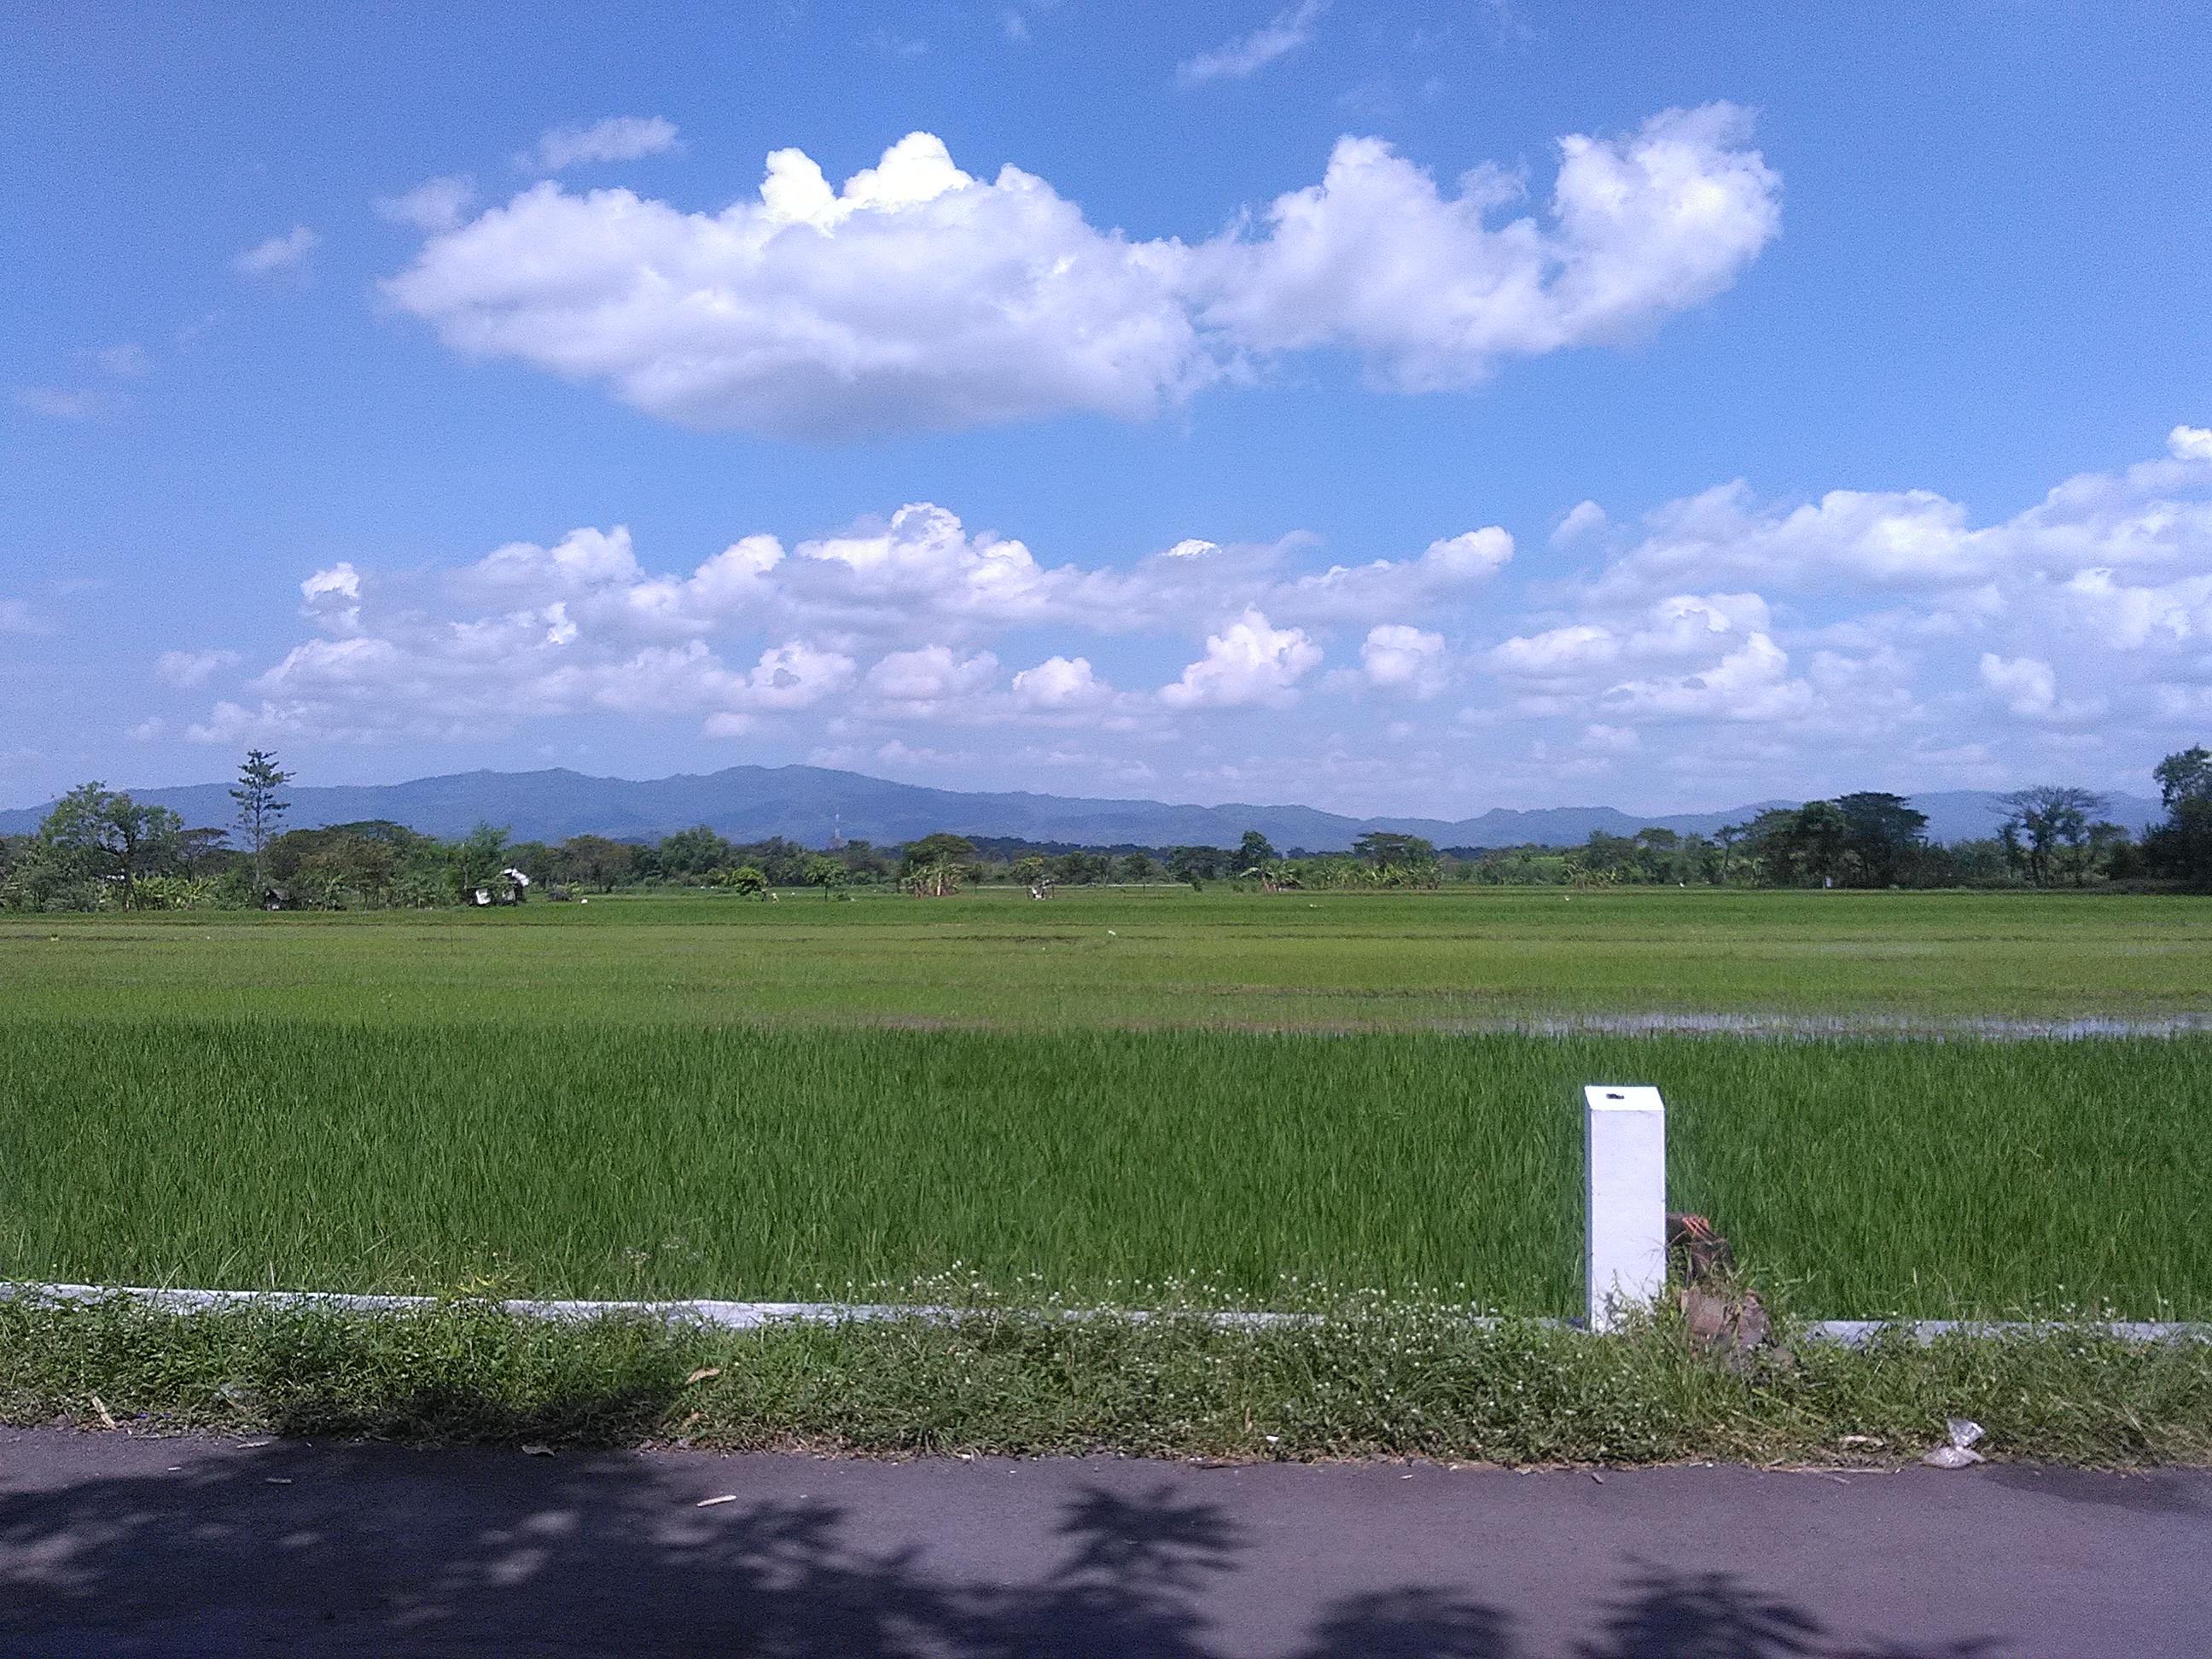 Download 54+ Wallpaper Pemandangan Pedesaan HD Paling Keren